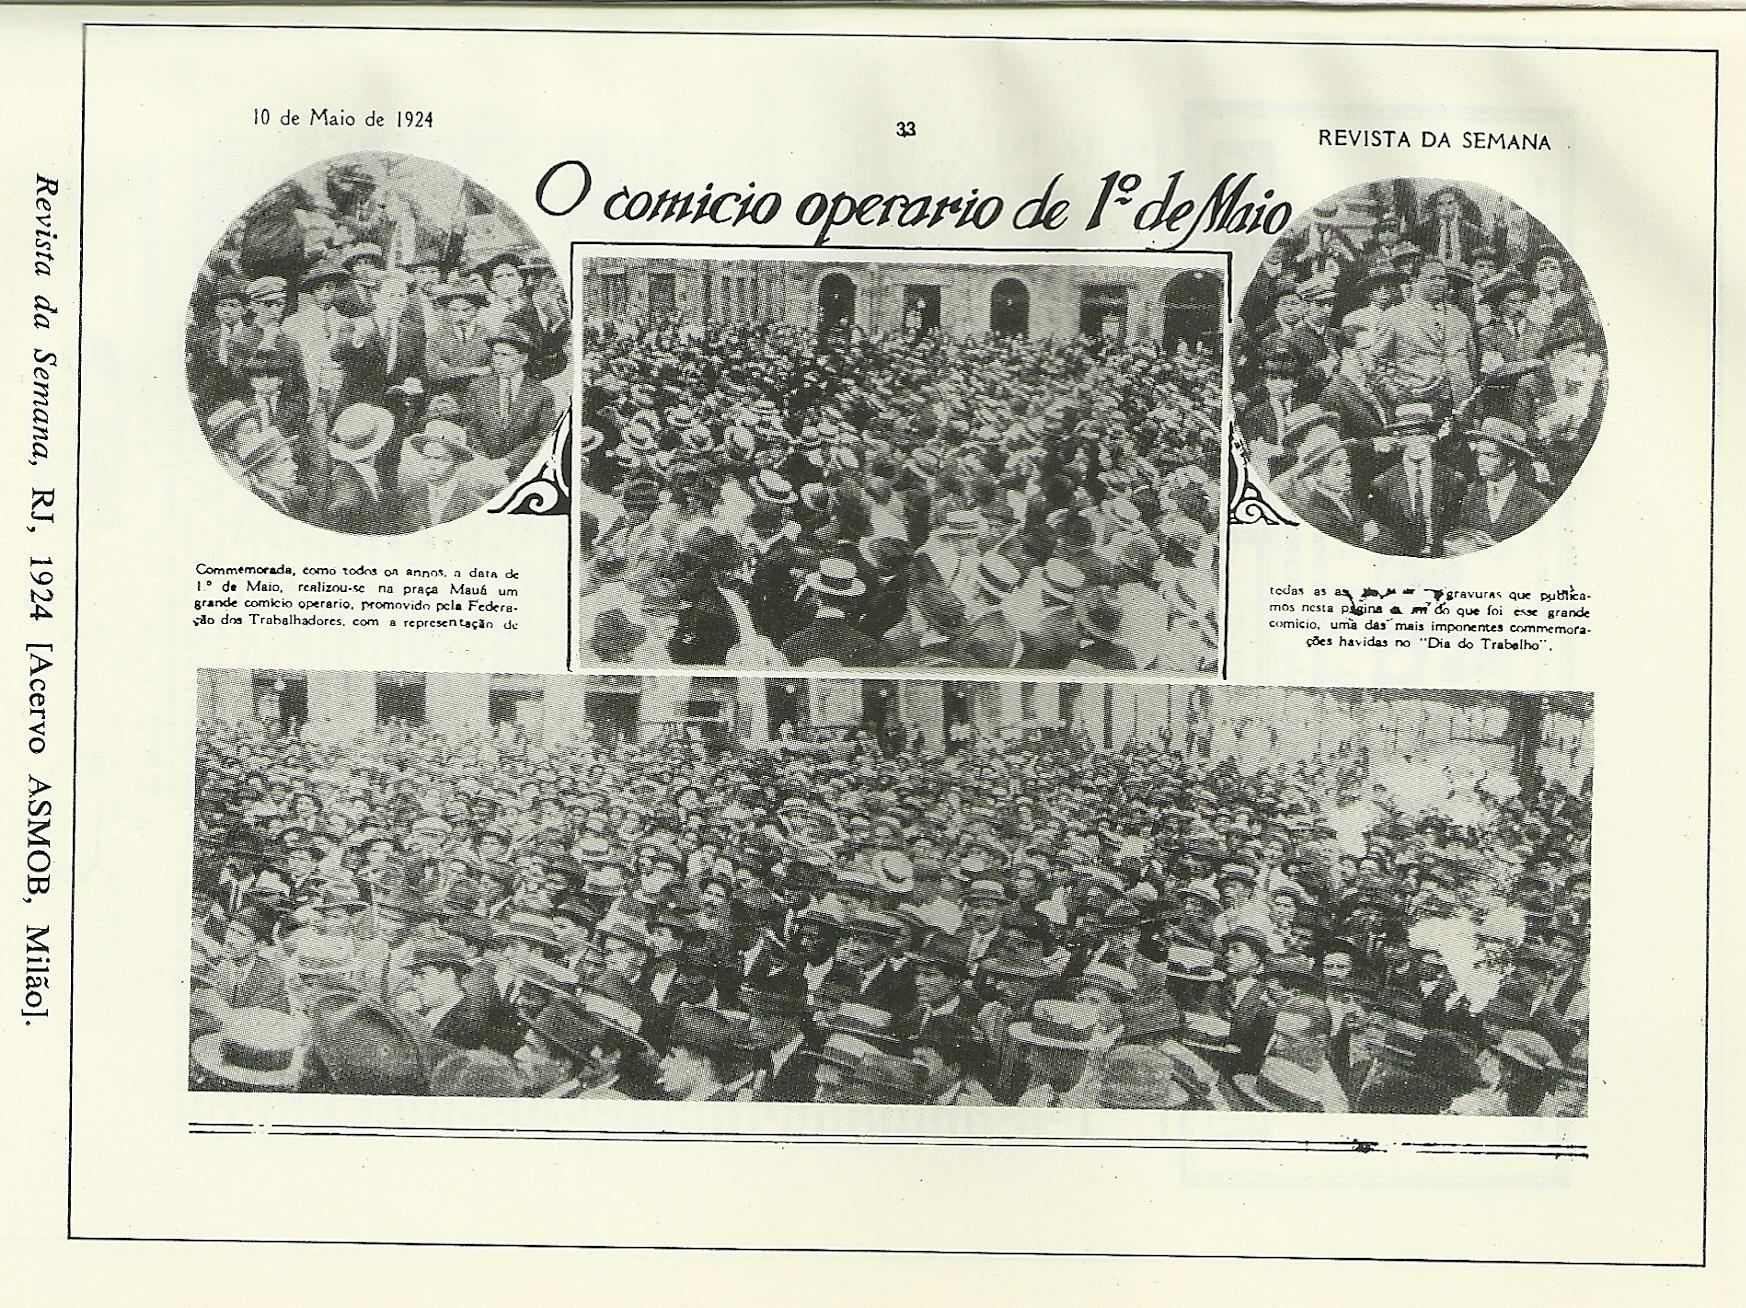 Jornal de Sindicato do Rio de Janeiro mostrando como foi o Comício de 1 de Maio de 1924